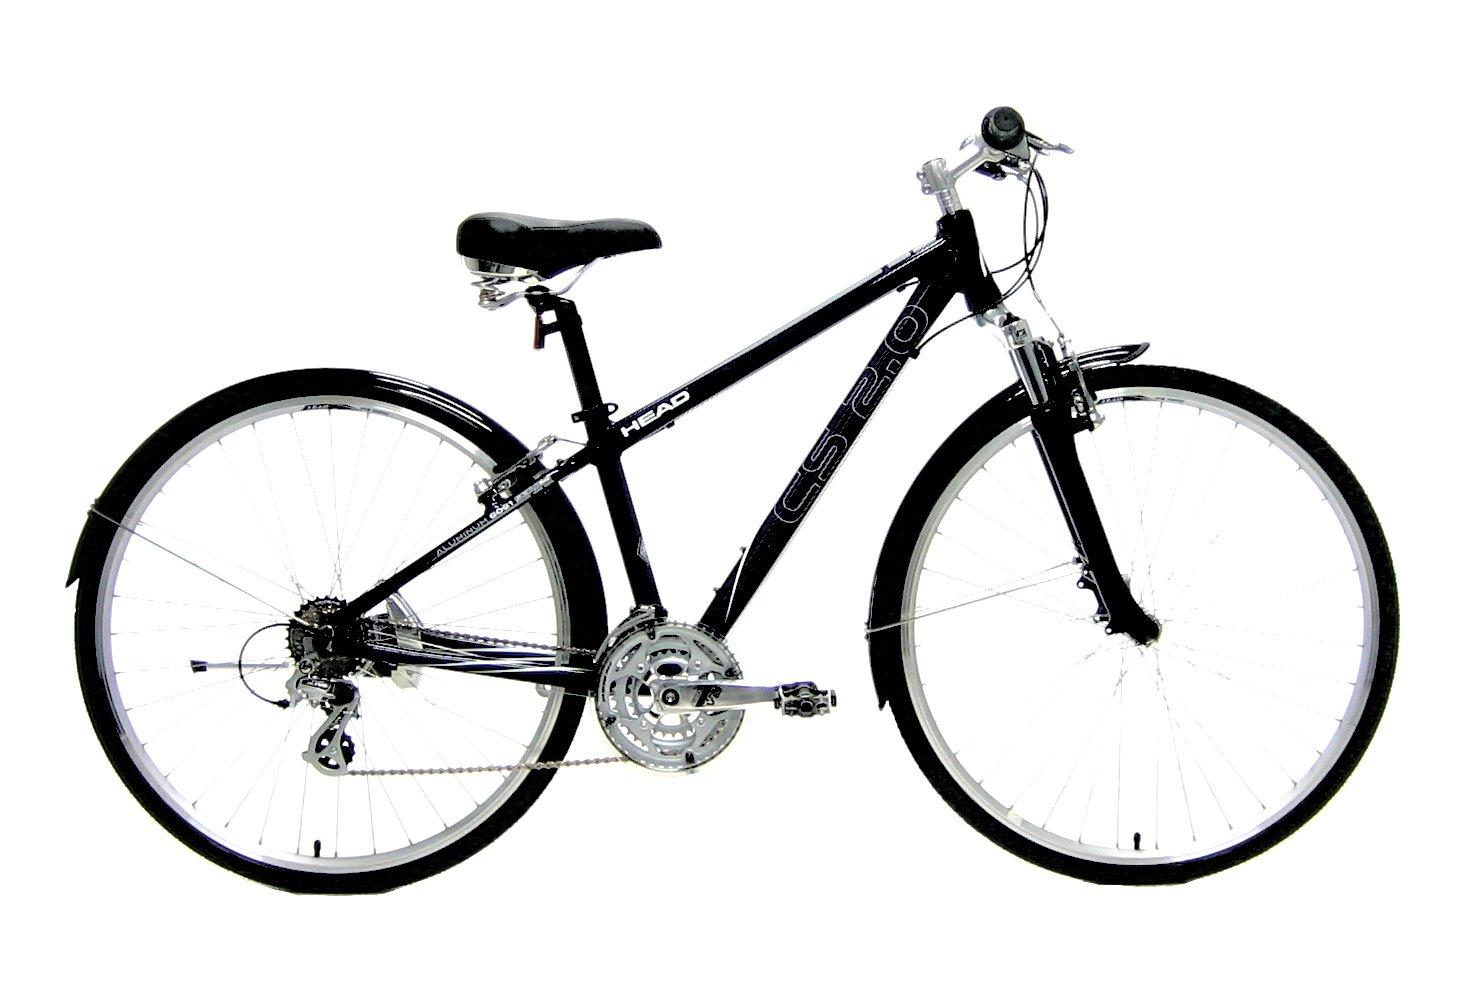 HEAD(ヘッド) クロスバイク フロントサス付 3X7SPEED ブラック CS-2.0 B007Q00UPC